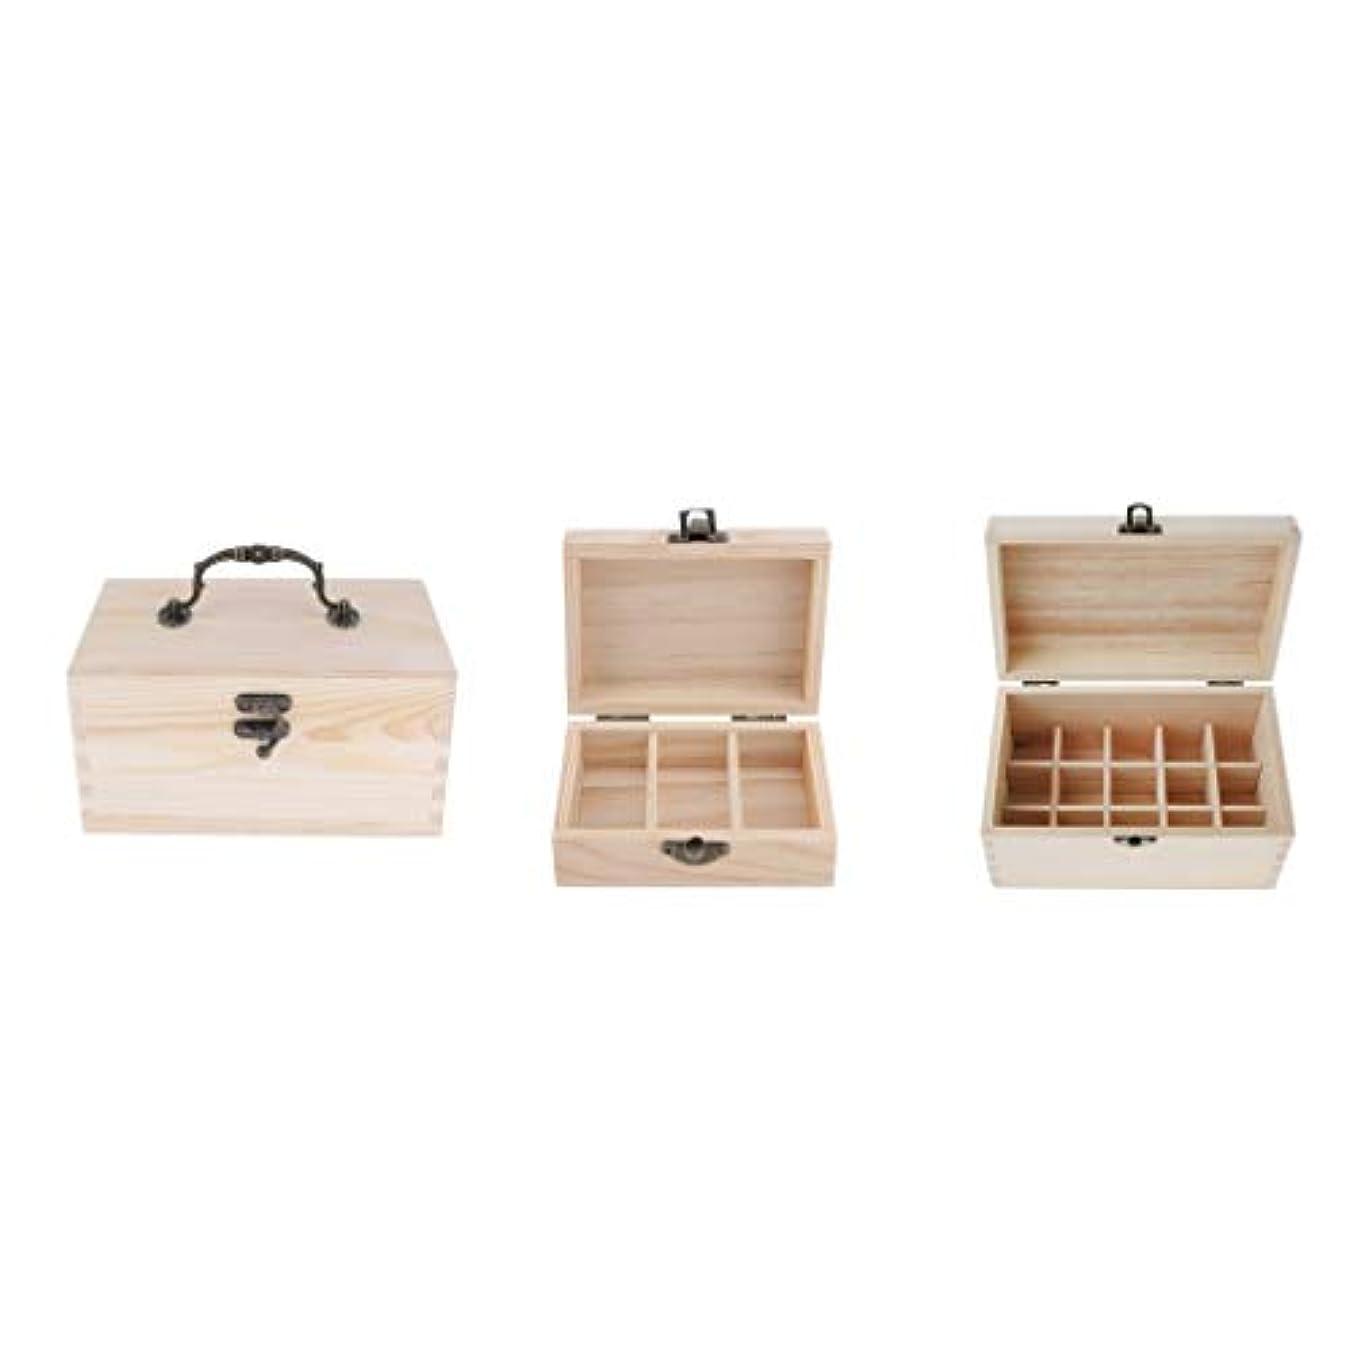 ヒョウ木ビームエッセンシャルオイル収納ボックス 精油収納ケース 超大容量 木製 精油収納 香水収納ケース 携帯用 3個入